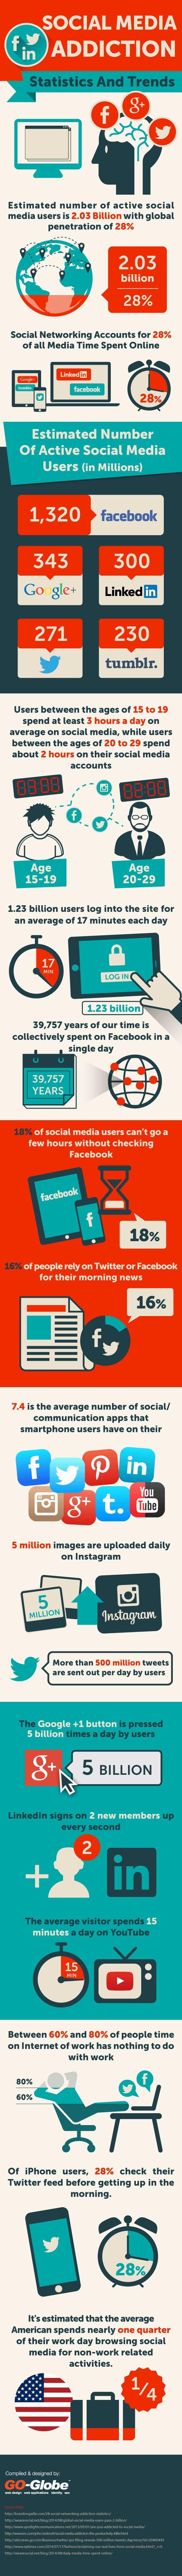 Social Media Addiction: Statistics & Trends [INFOGRAPHIC] #socialmedia #socialmediamarketing